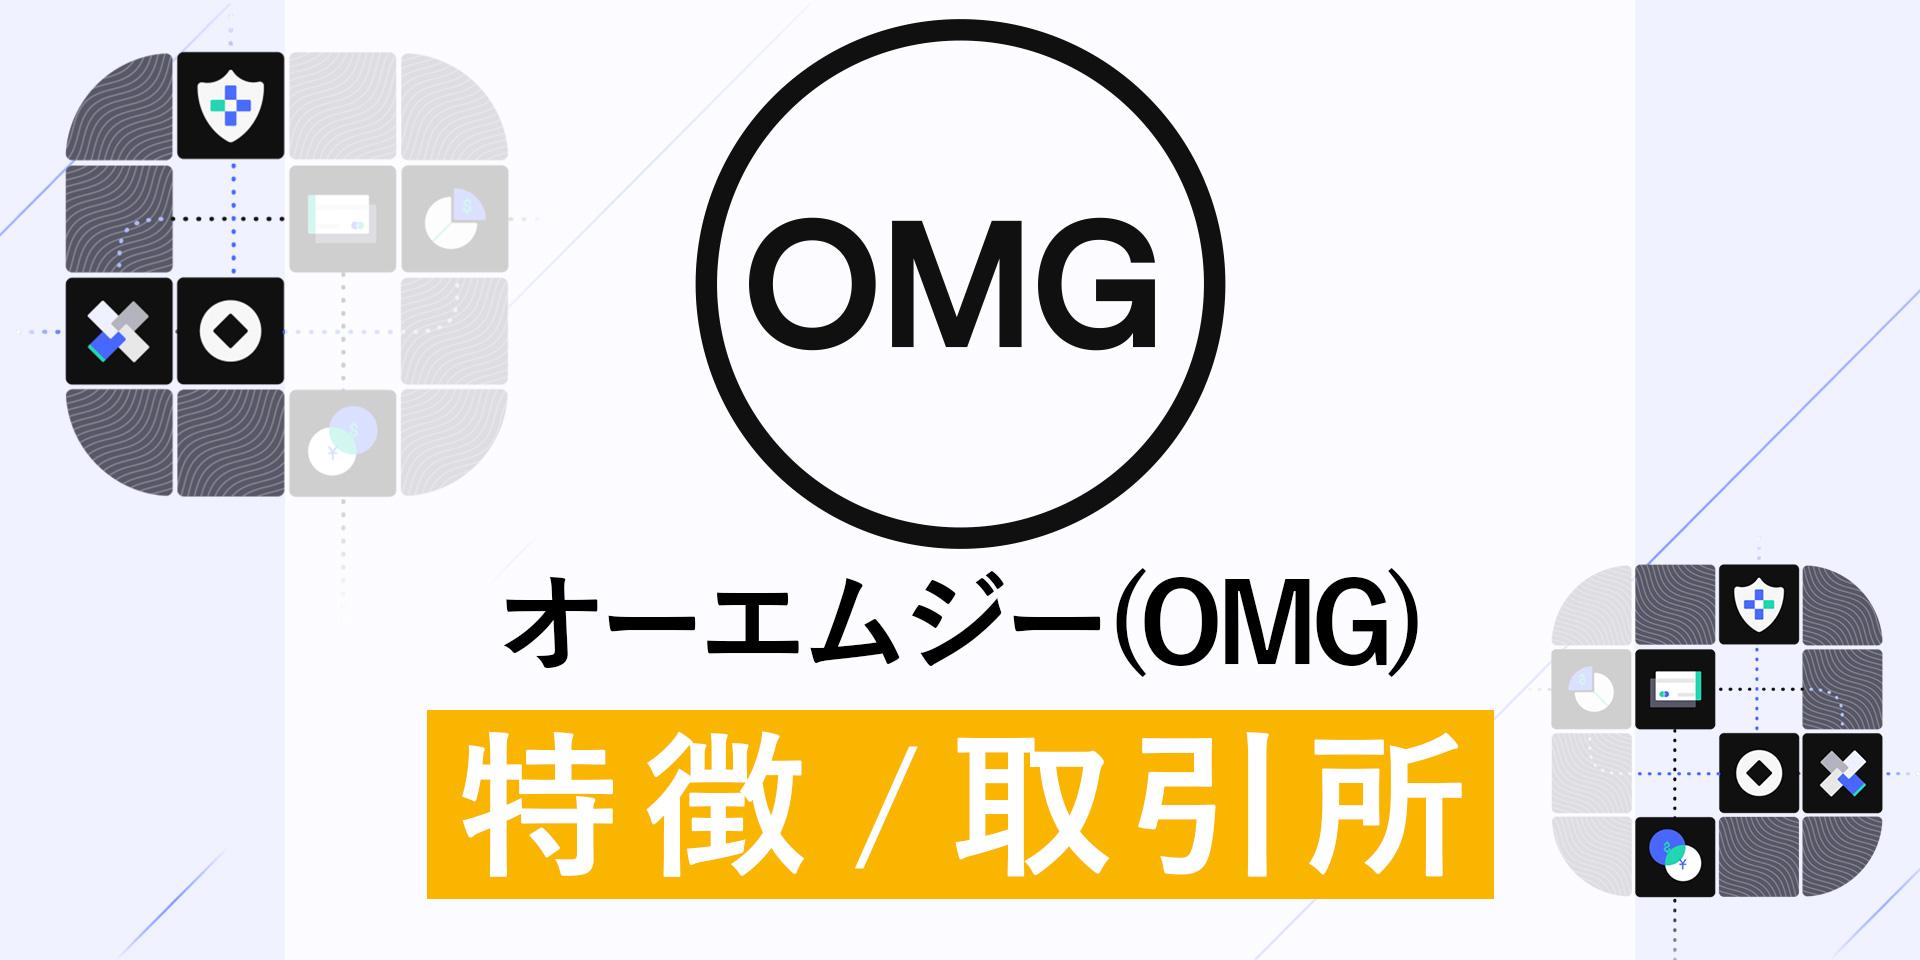 OMGネットワーク(OMG/旧OmiseGo)のおすすめ取引所ランキング!買い方や購入方法を解説